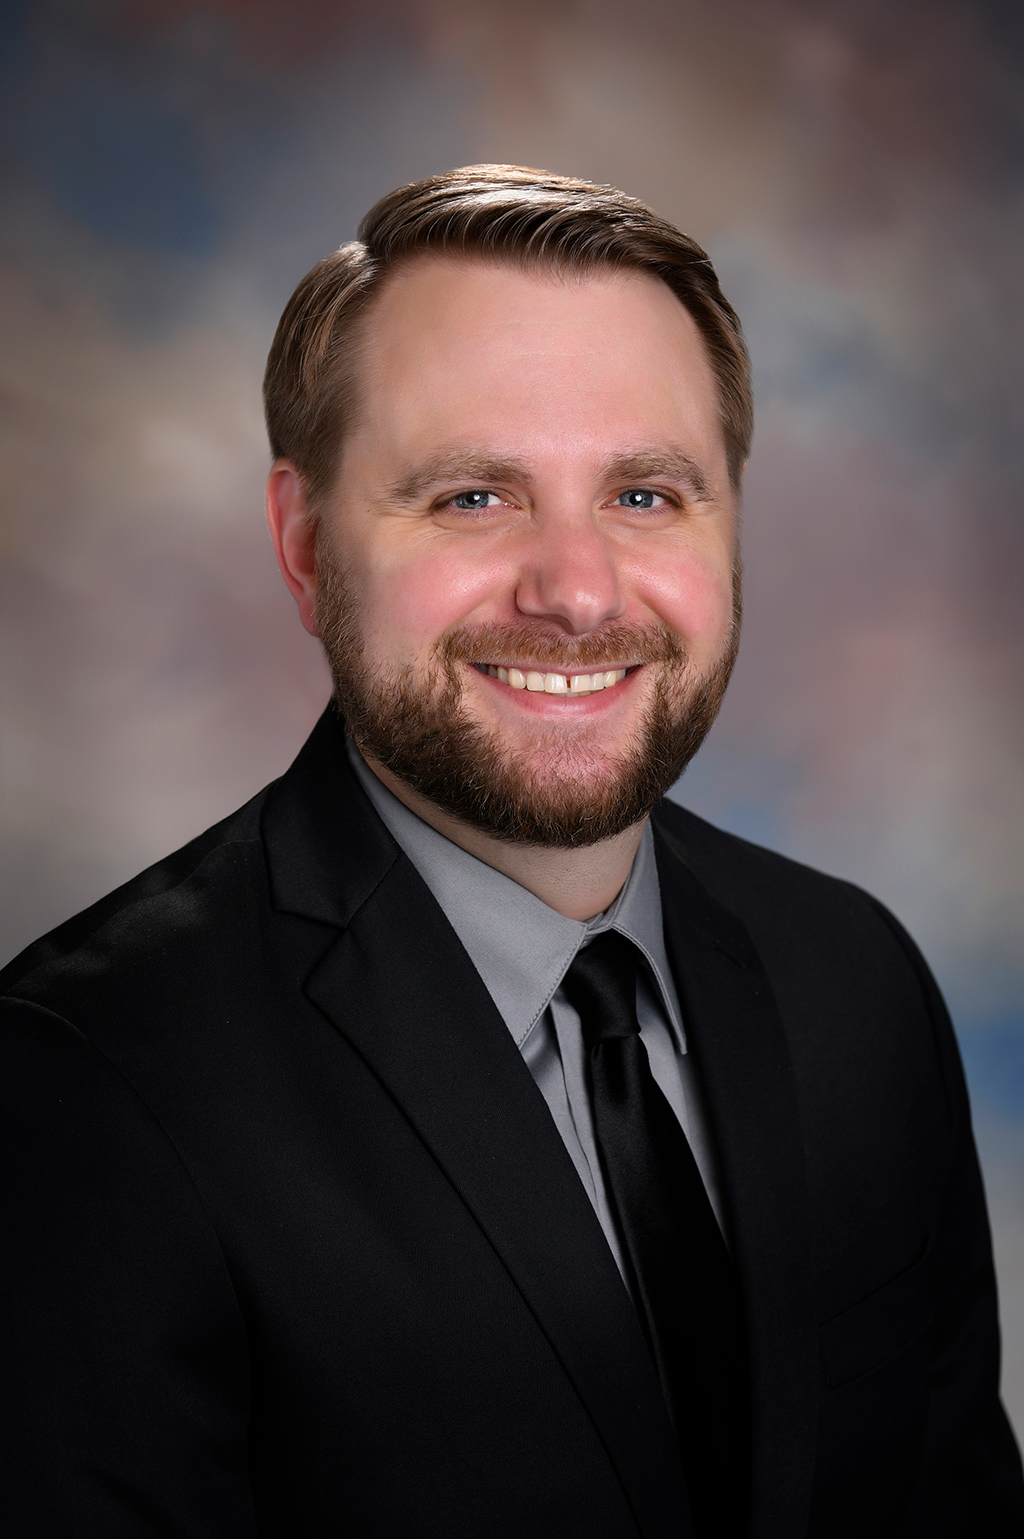 Brian Vogel, Digital Marketing Manager